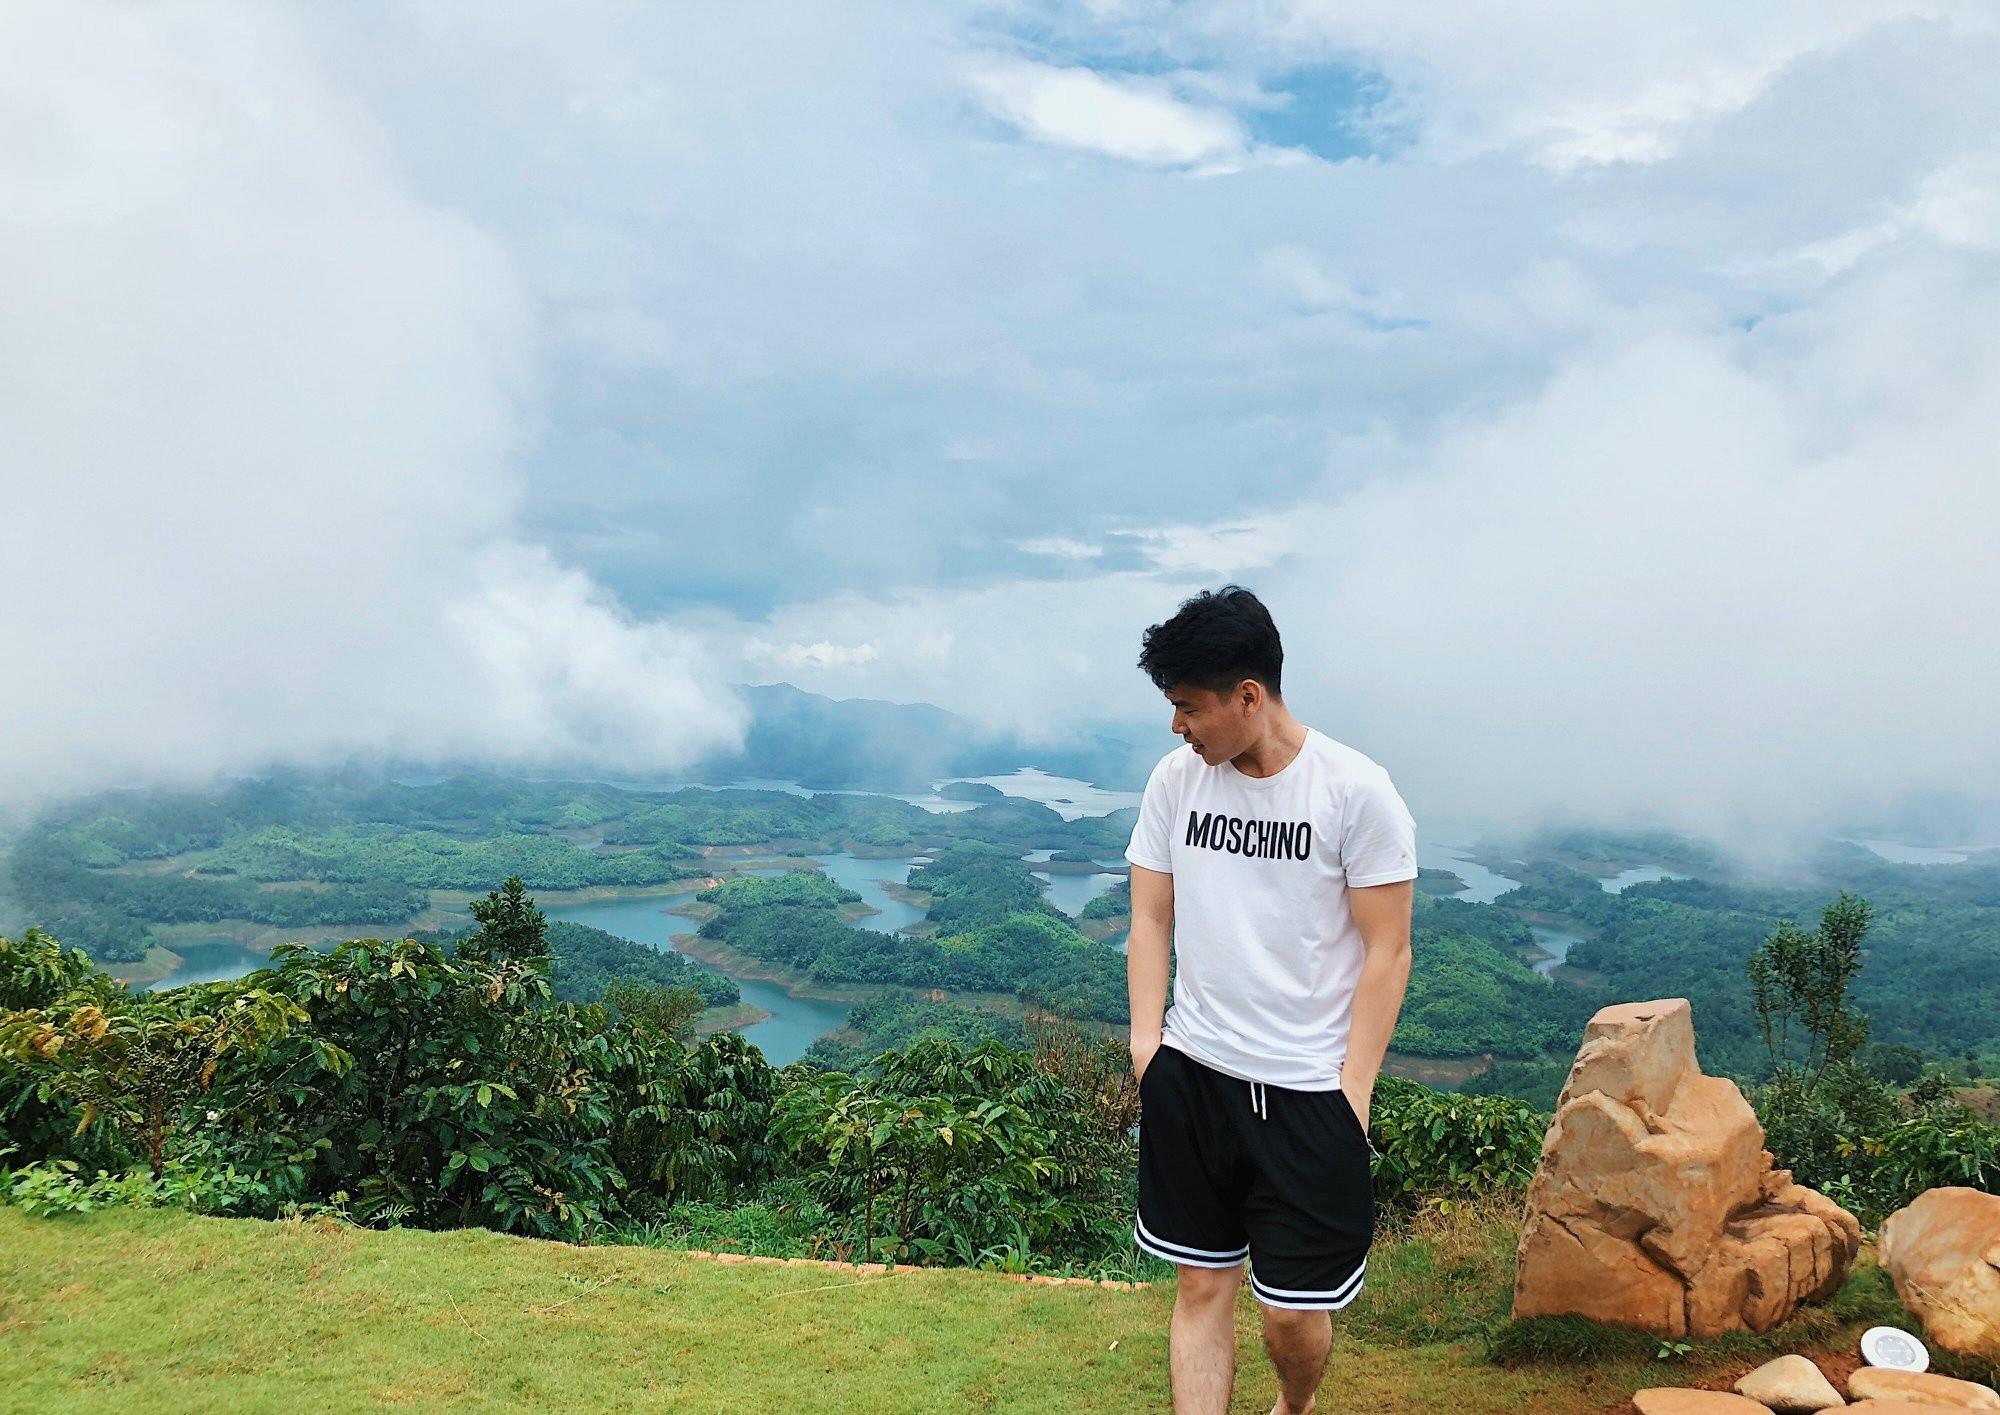 """Hồ Tà Đùng – """"Vịnh Hạ Long"""" của Tây Nguyên - ảnh 8"""